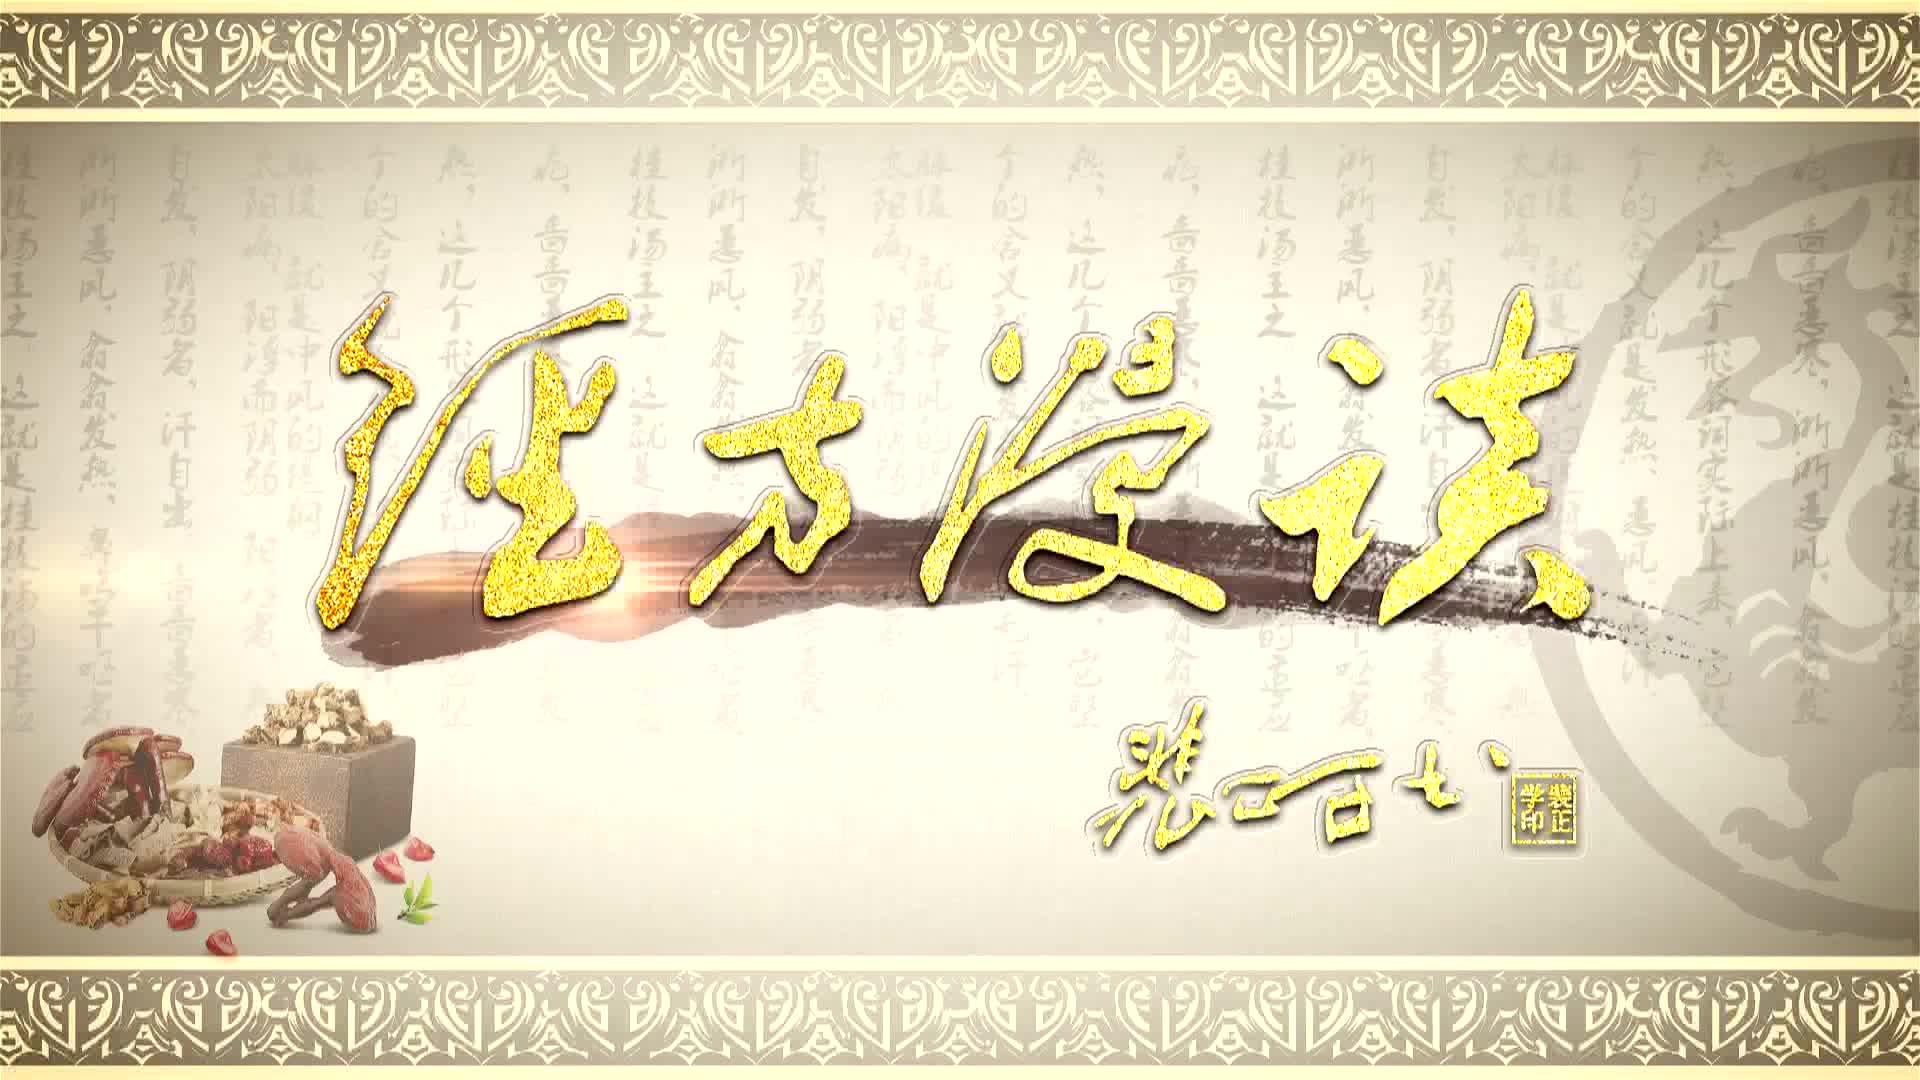 第四集丨国家级名老中医裴正学《经方漫谈》